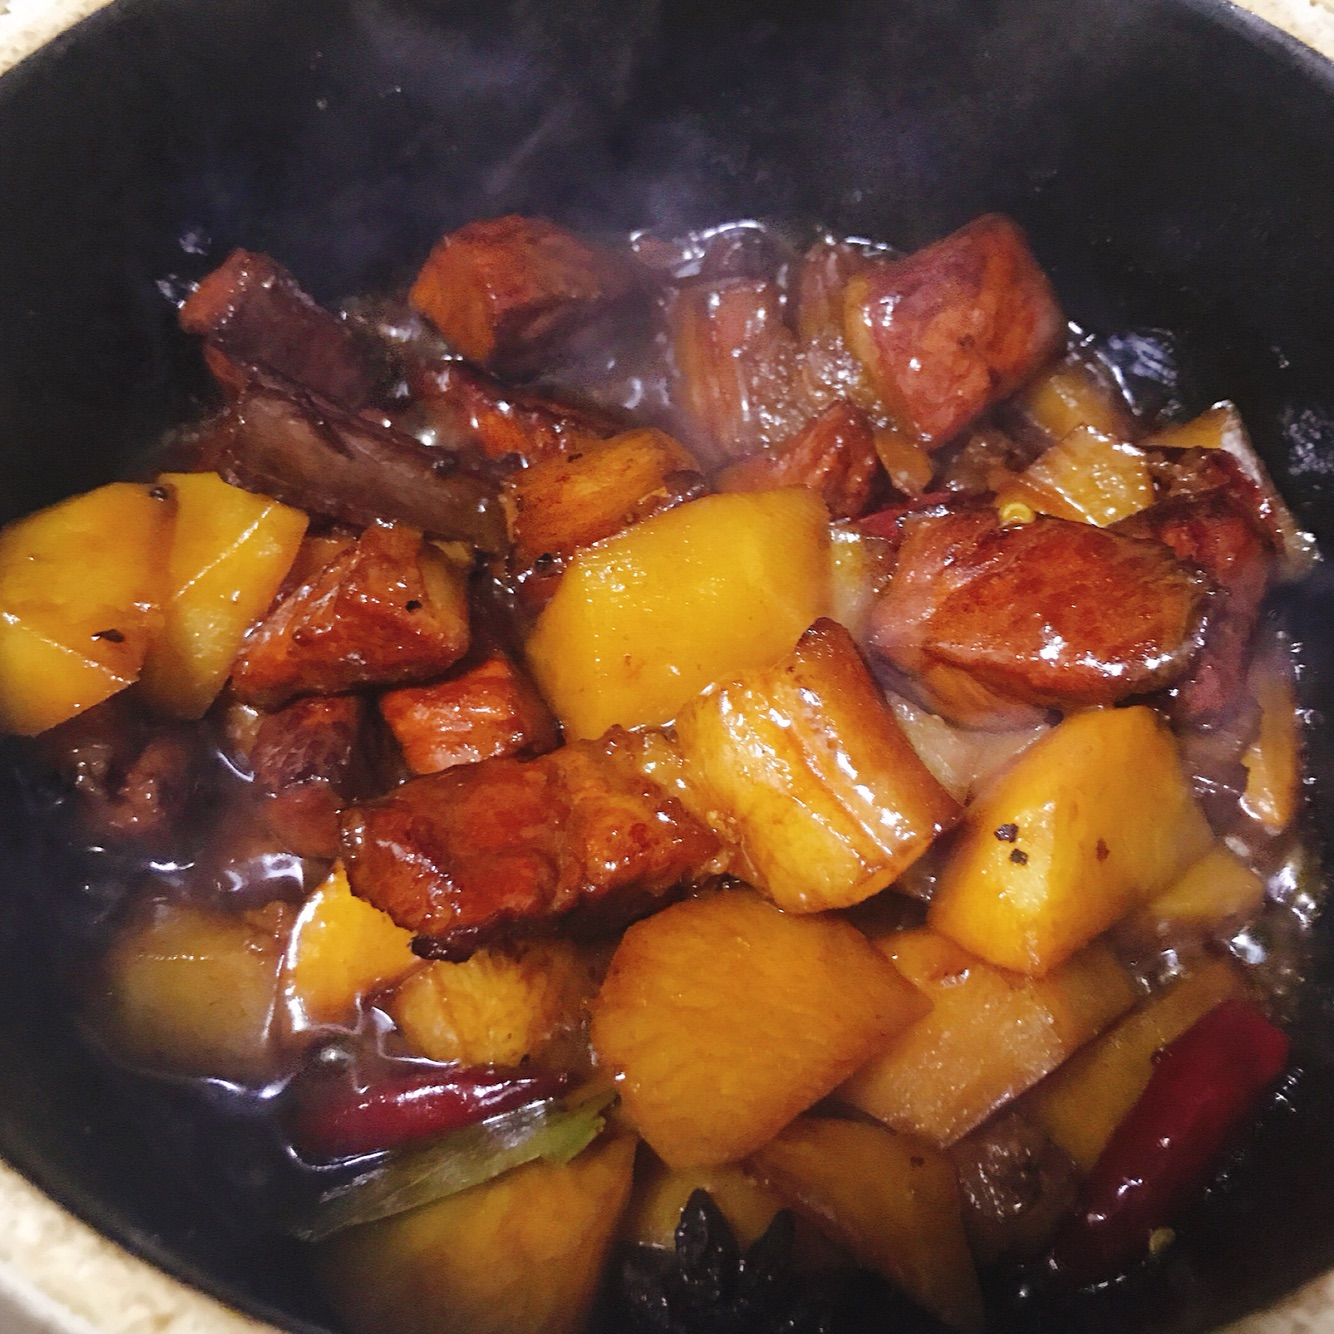 红烧肉炖土豆豆角_红烧肉炖土豆家常做法-